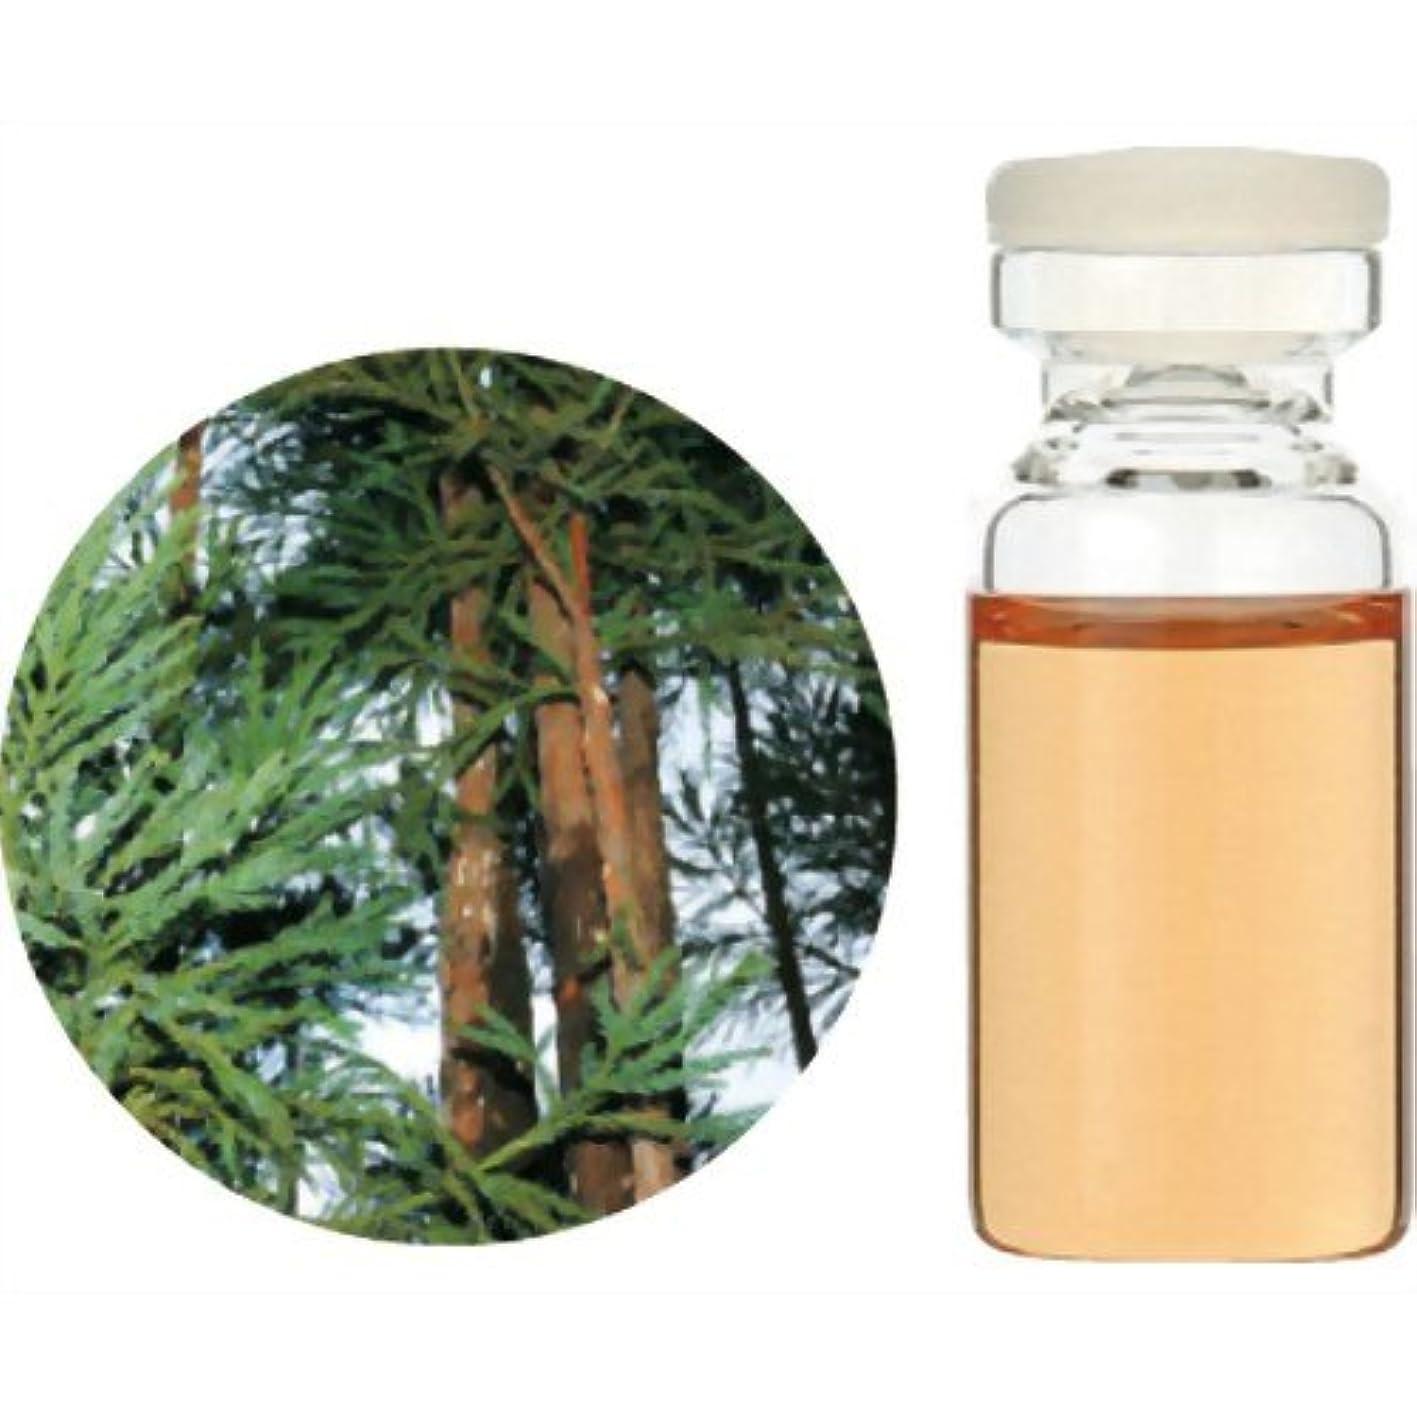 科学的リム遅滞生活の木 Herbal Life 和精油 杉(木部) 3ml